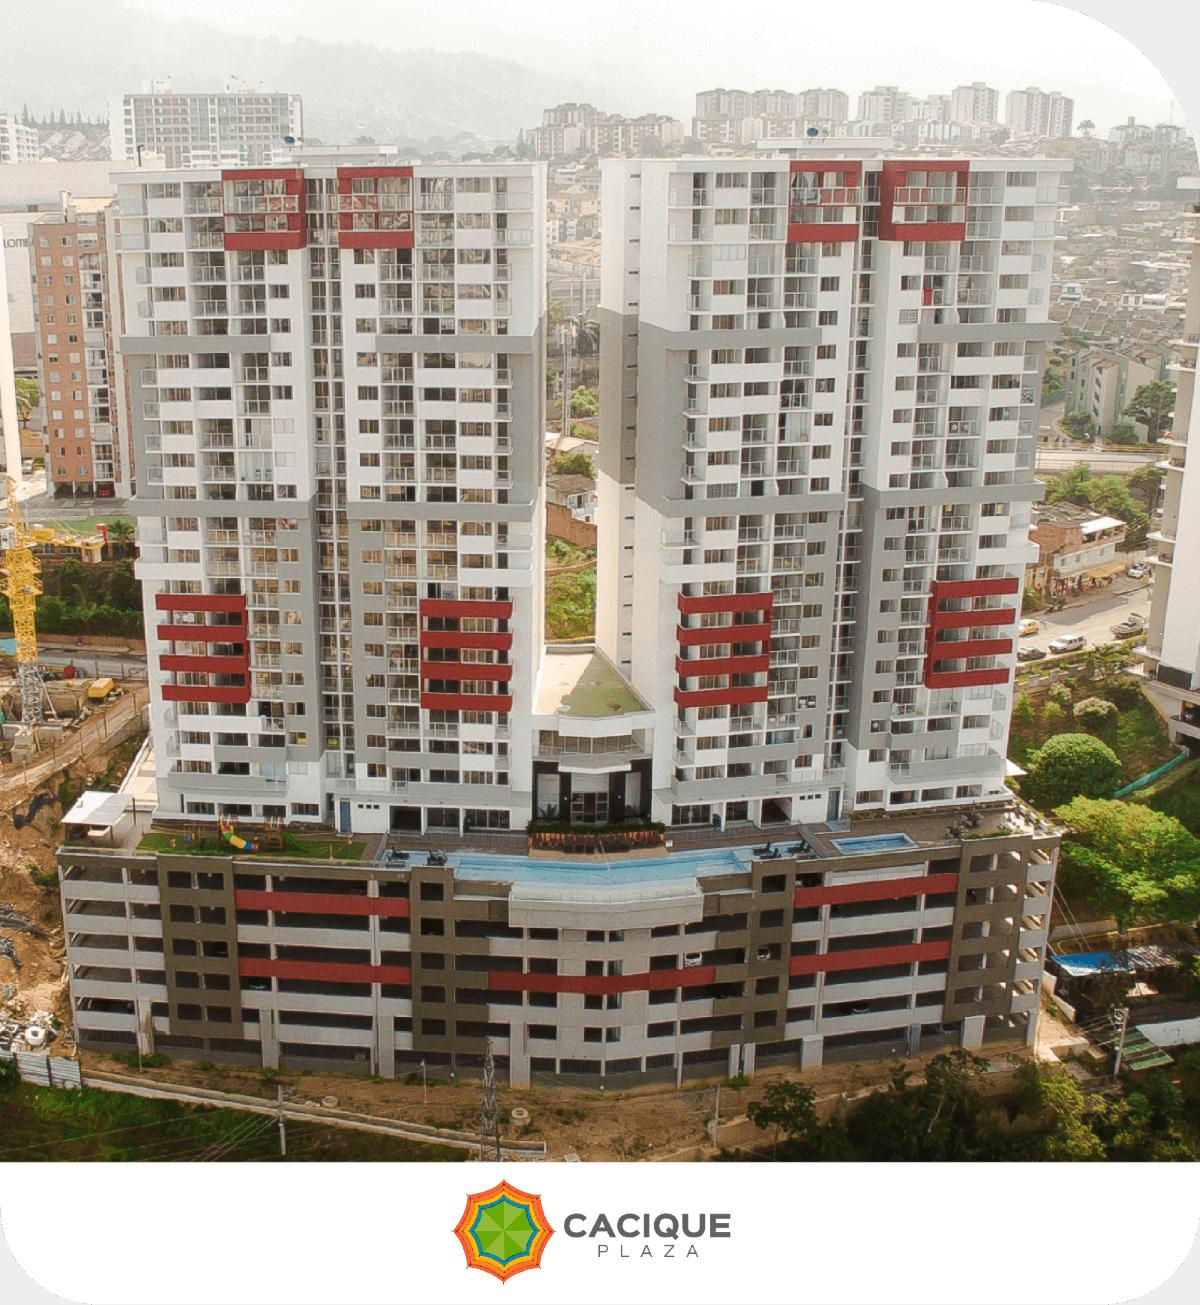 Proyecto Cacique Plaza